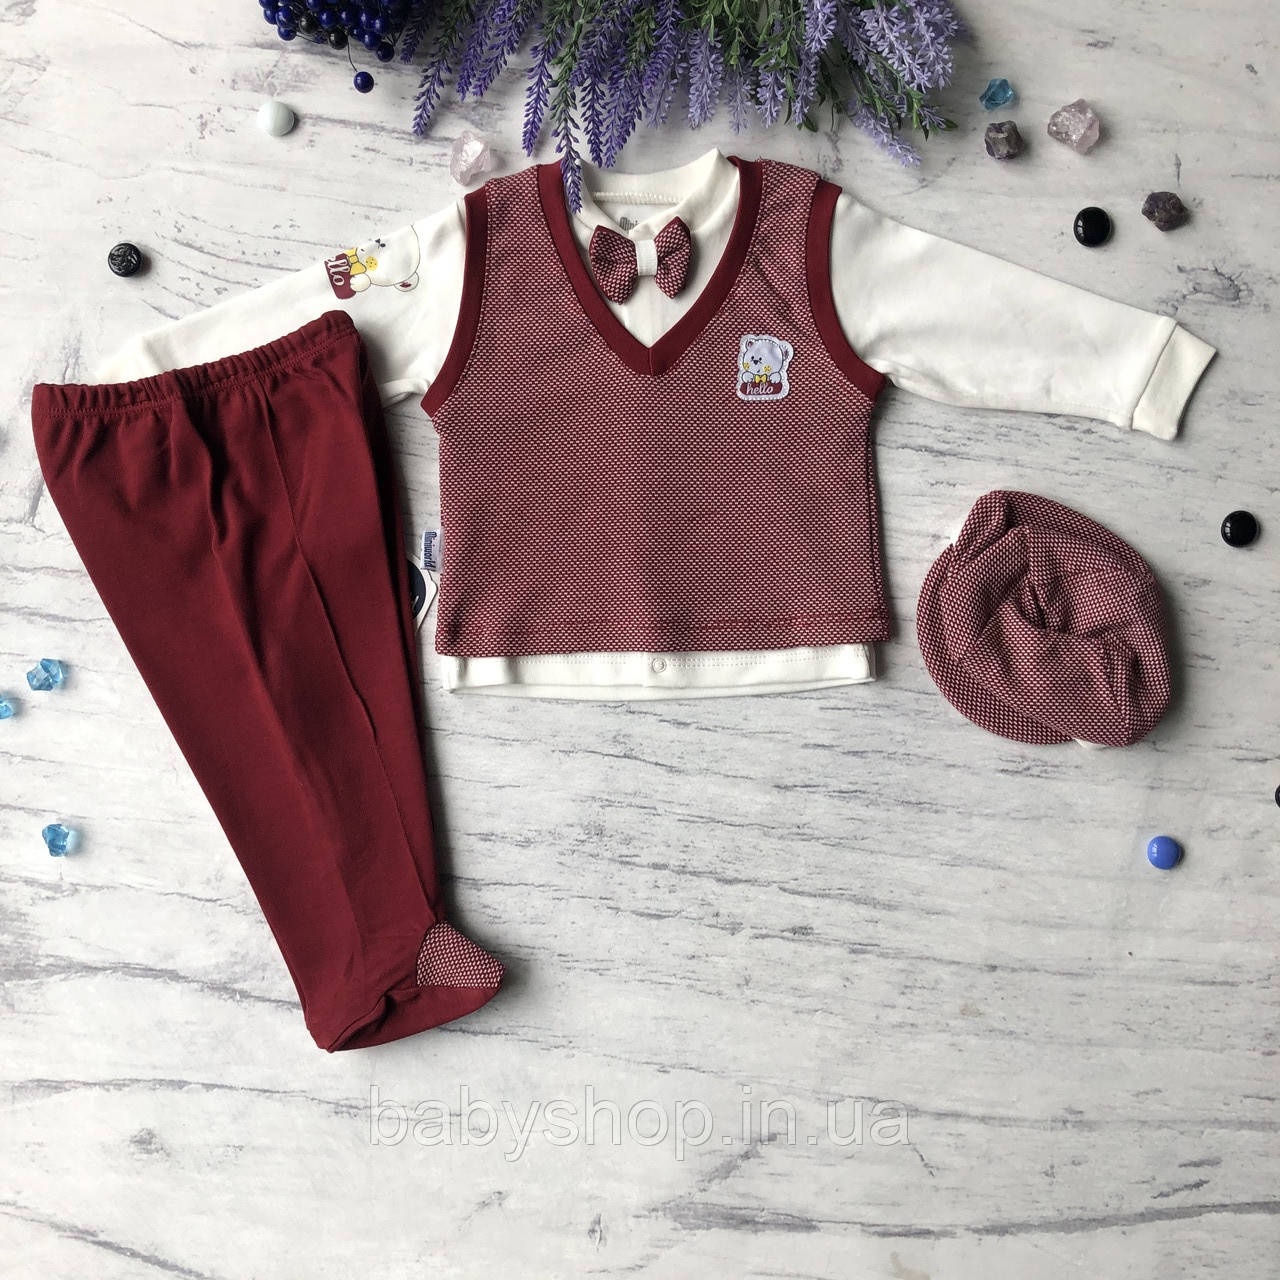 Хрестильний костюм, набір джентльмен для хлопчика Miniworld 10. Розмір 68 см